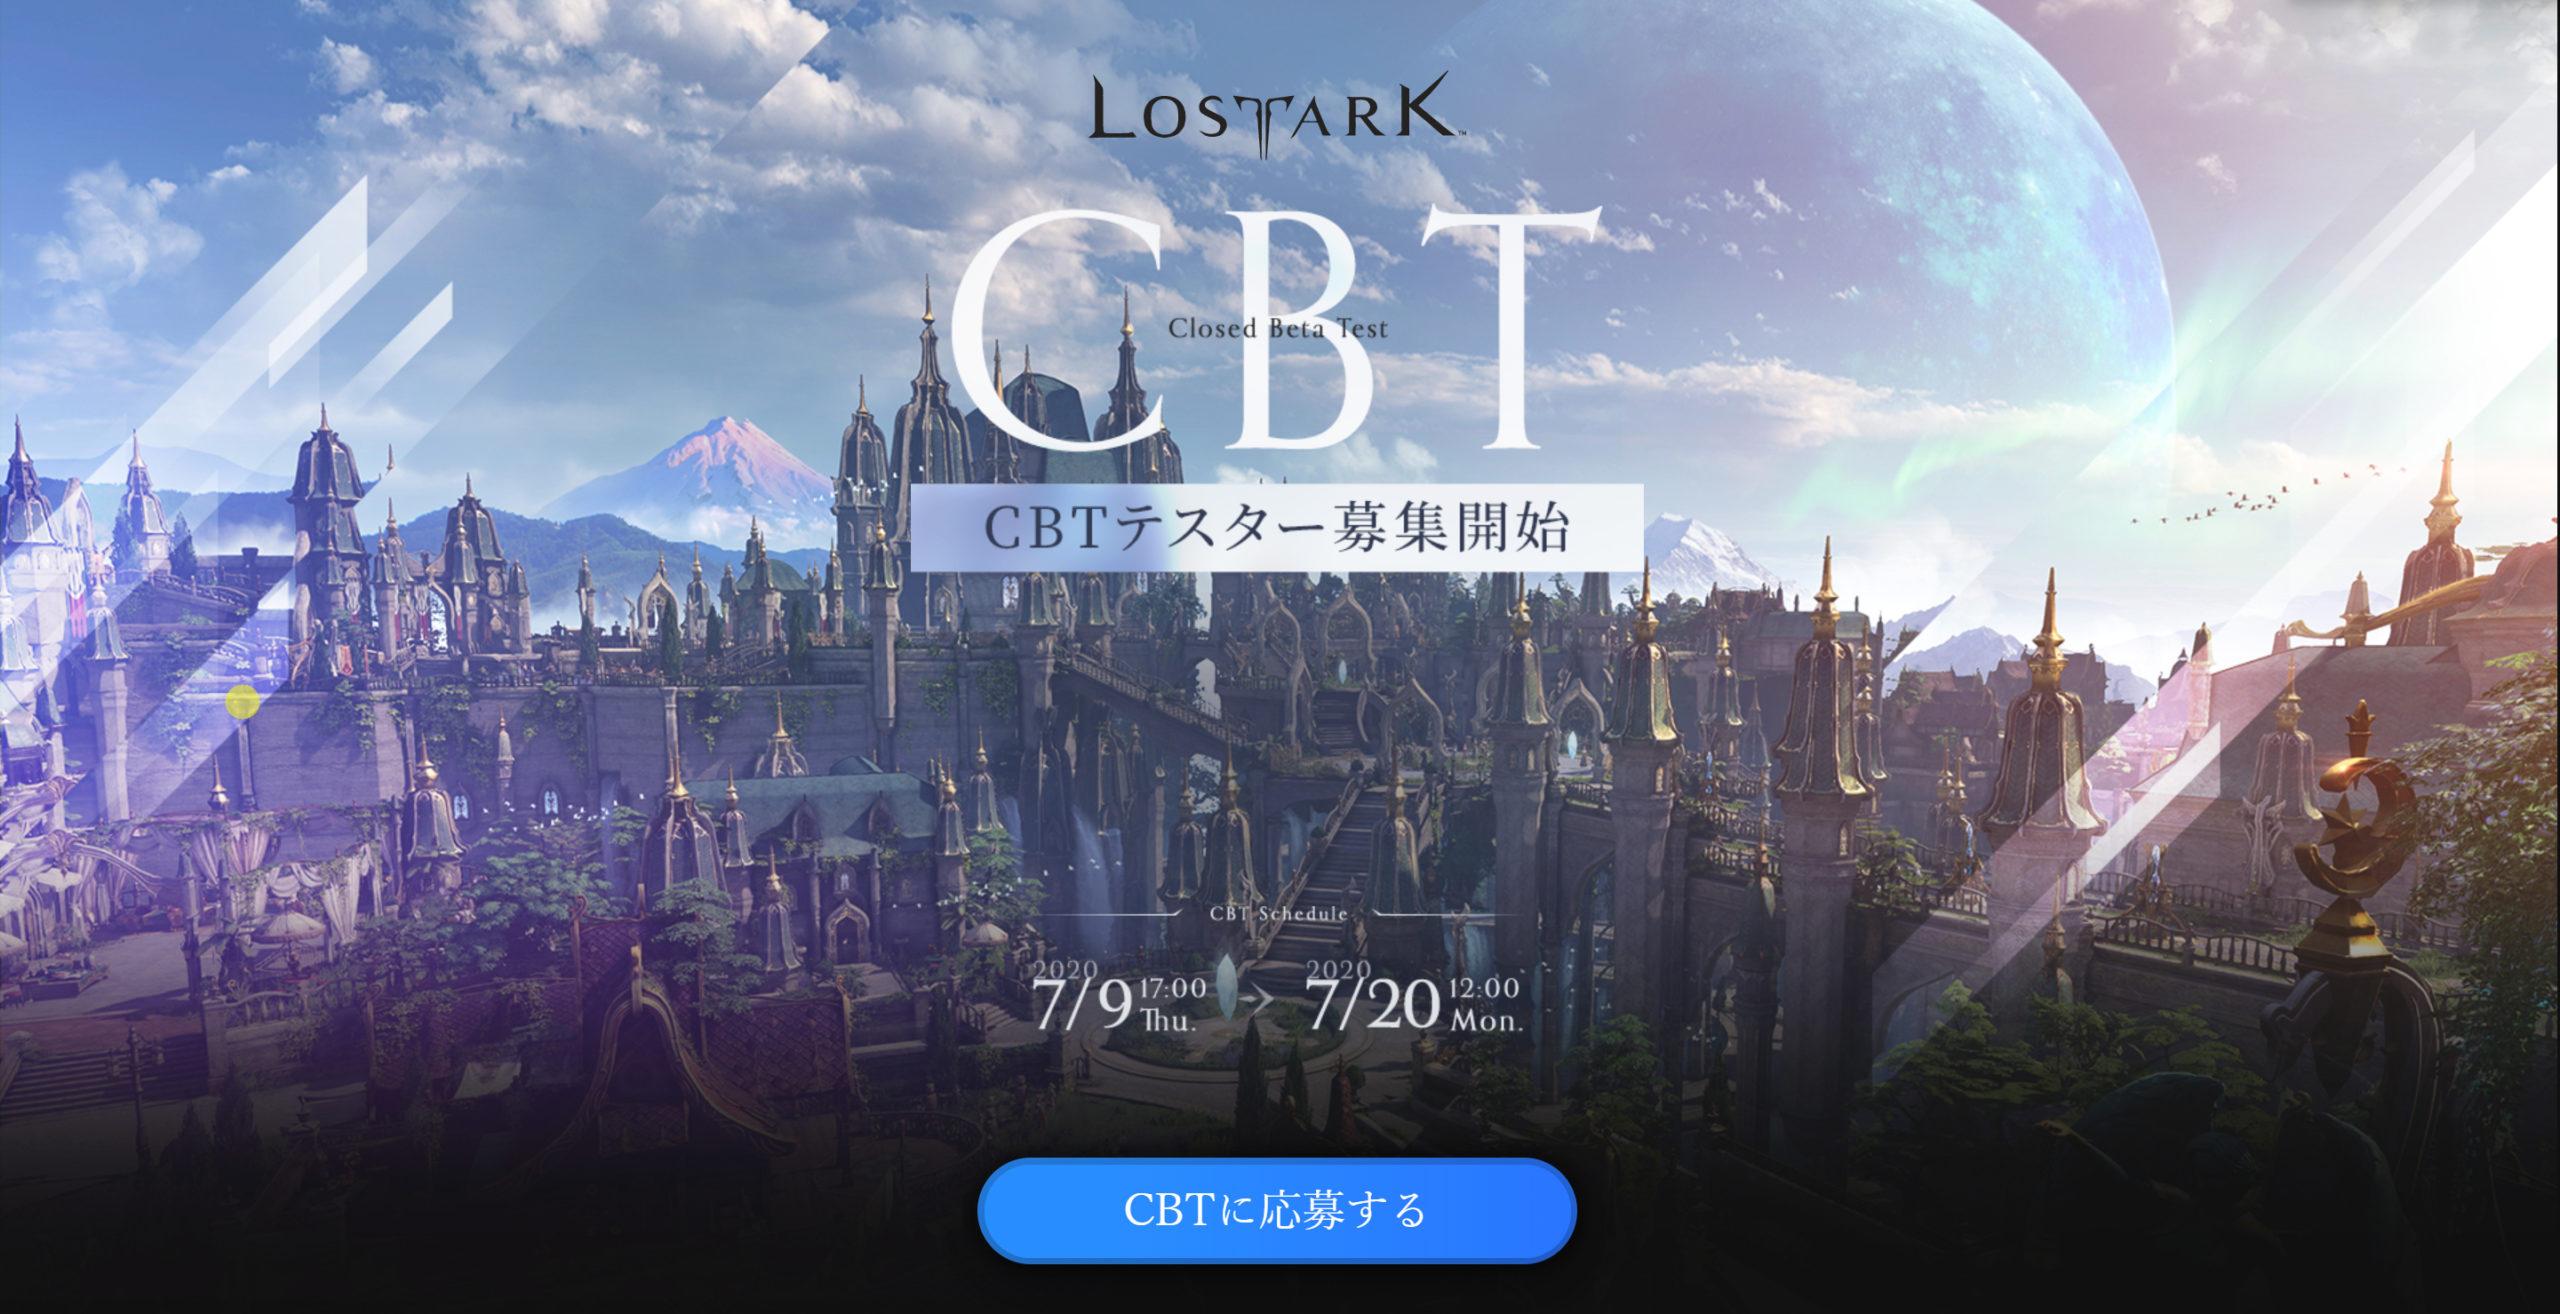 【LOST ARC】もうすぐ日本上陸 超美麗MMORPG【推奨パソコン】